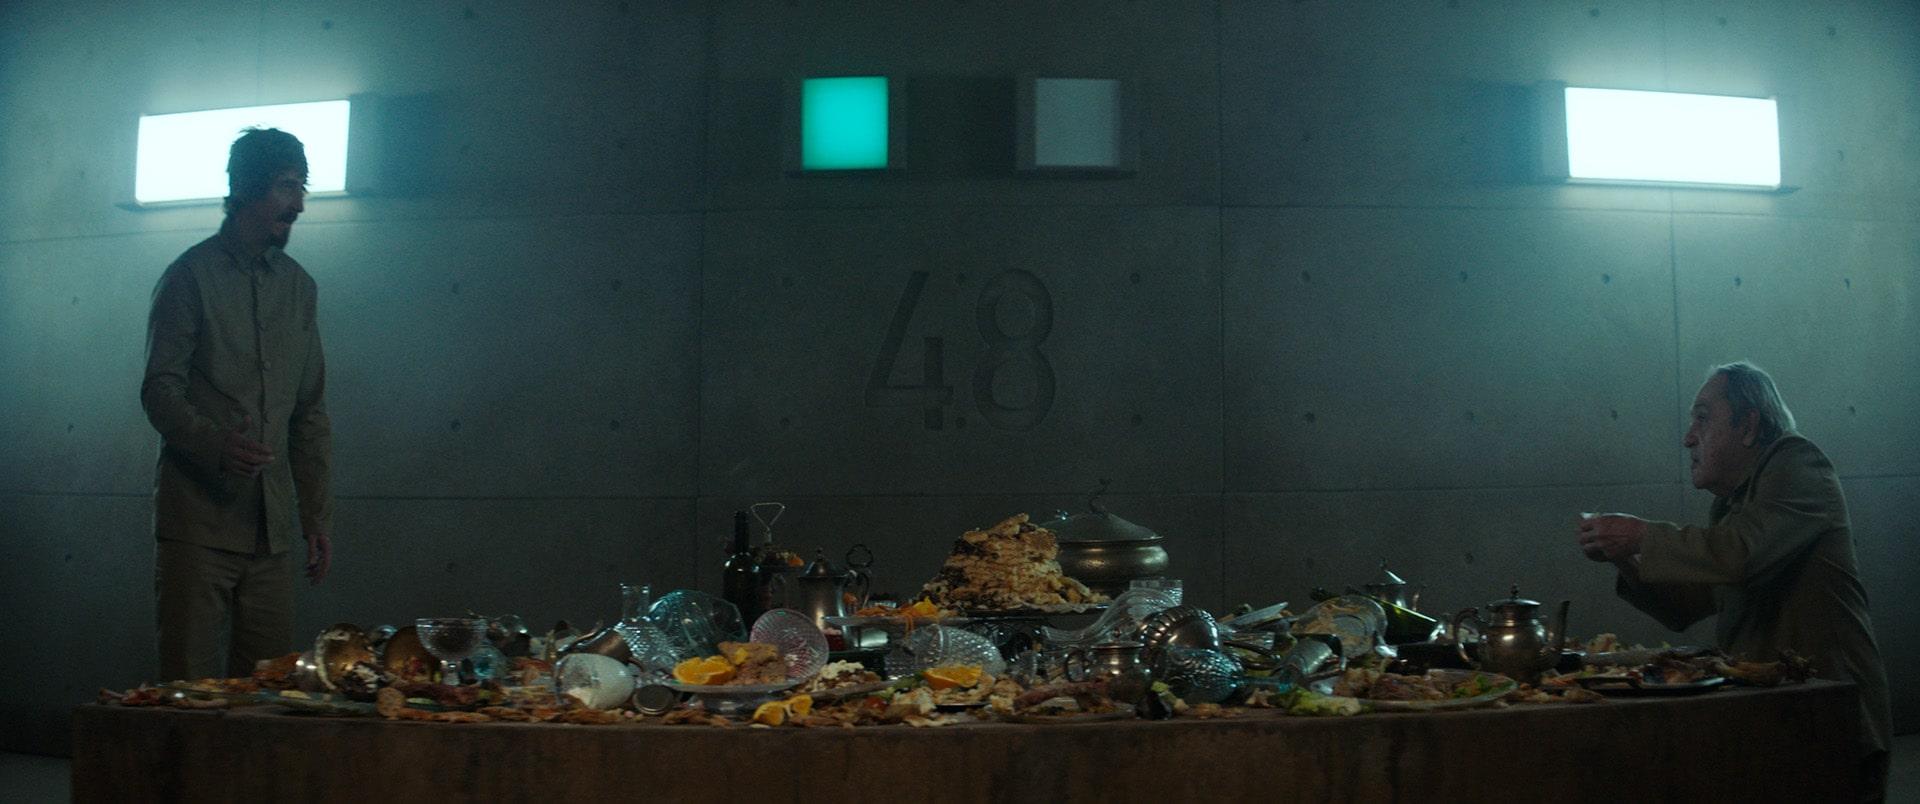 El Hoyo Film Konusu Nedir? 2019 Film listesi